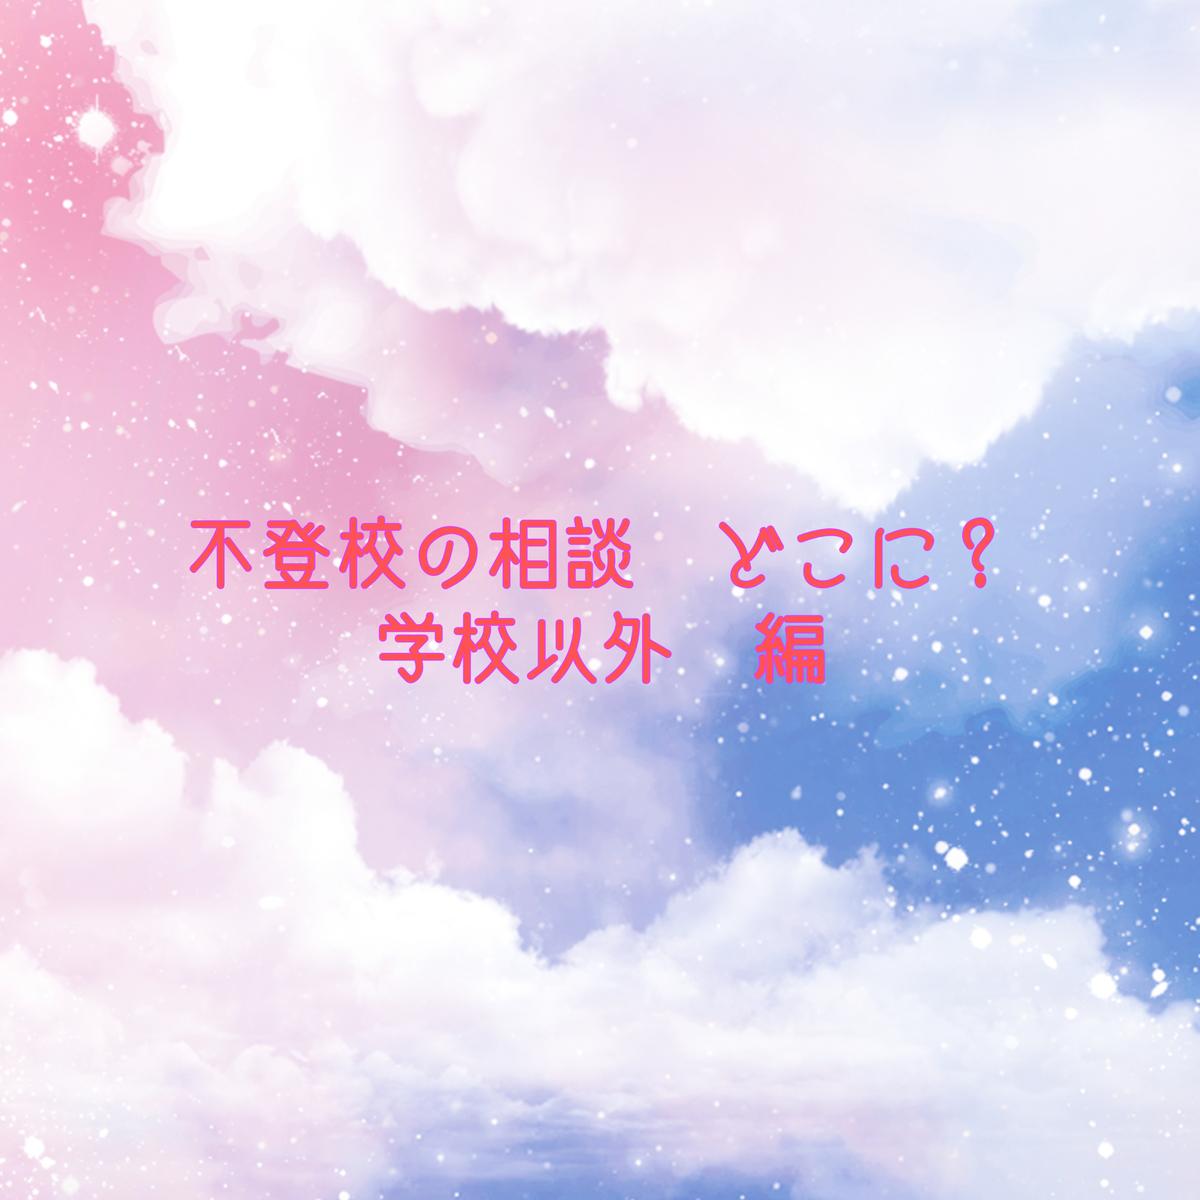 f:id:nanamiyuki:20210508125239j:plain